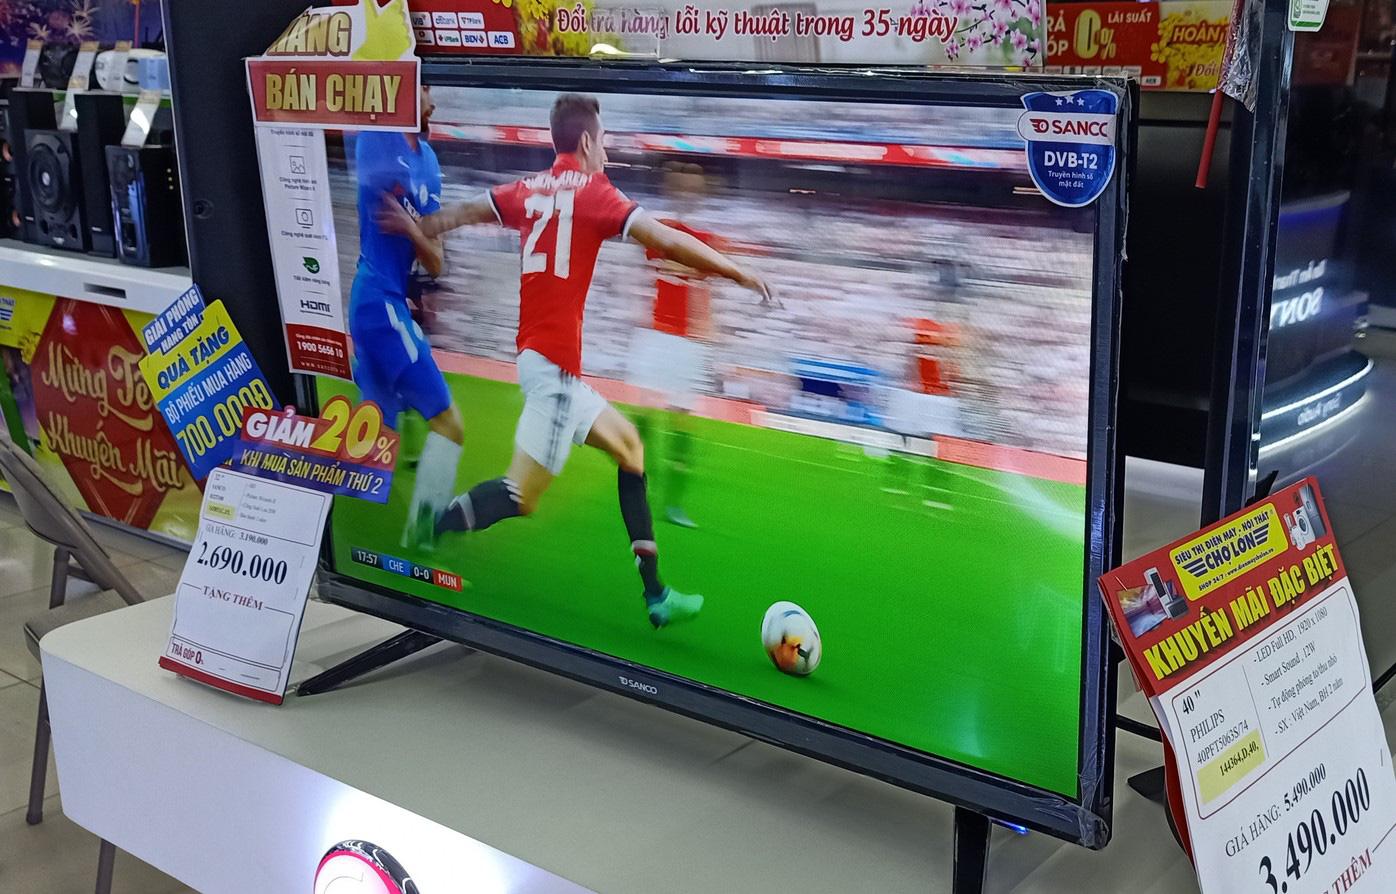 Tivi giảm giá tháng 2: Dòng màn hình to hút hàng trước mùa giải bóng đá - Ảnh 3.